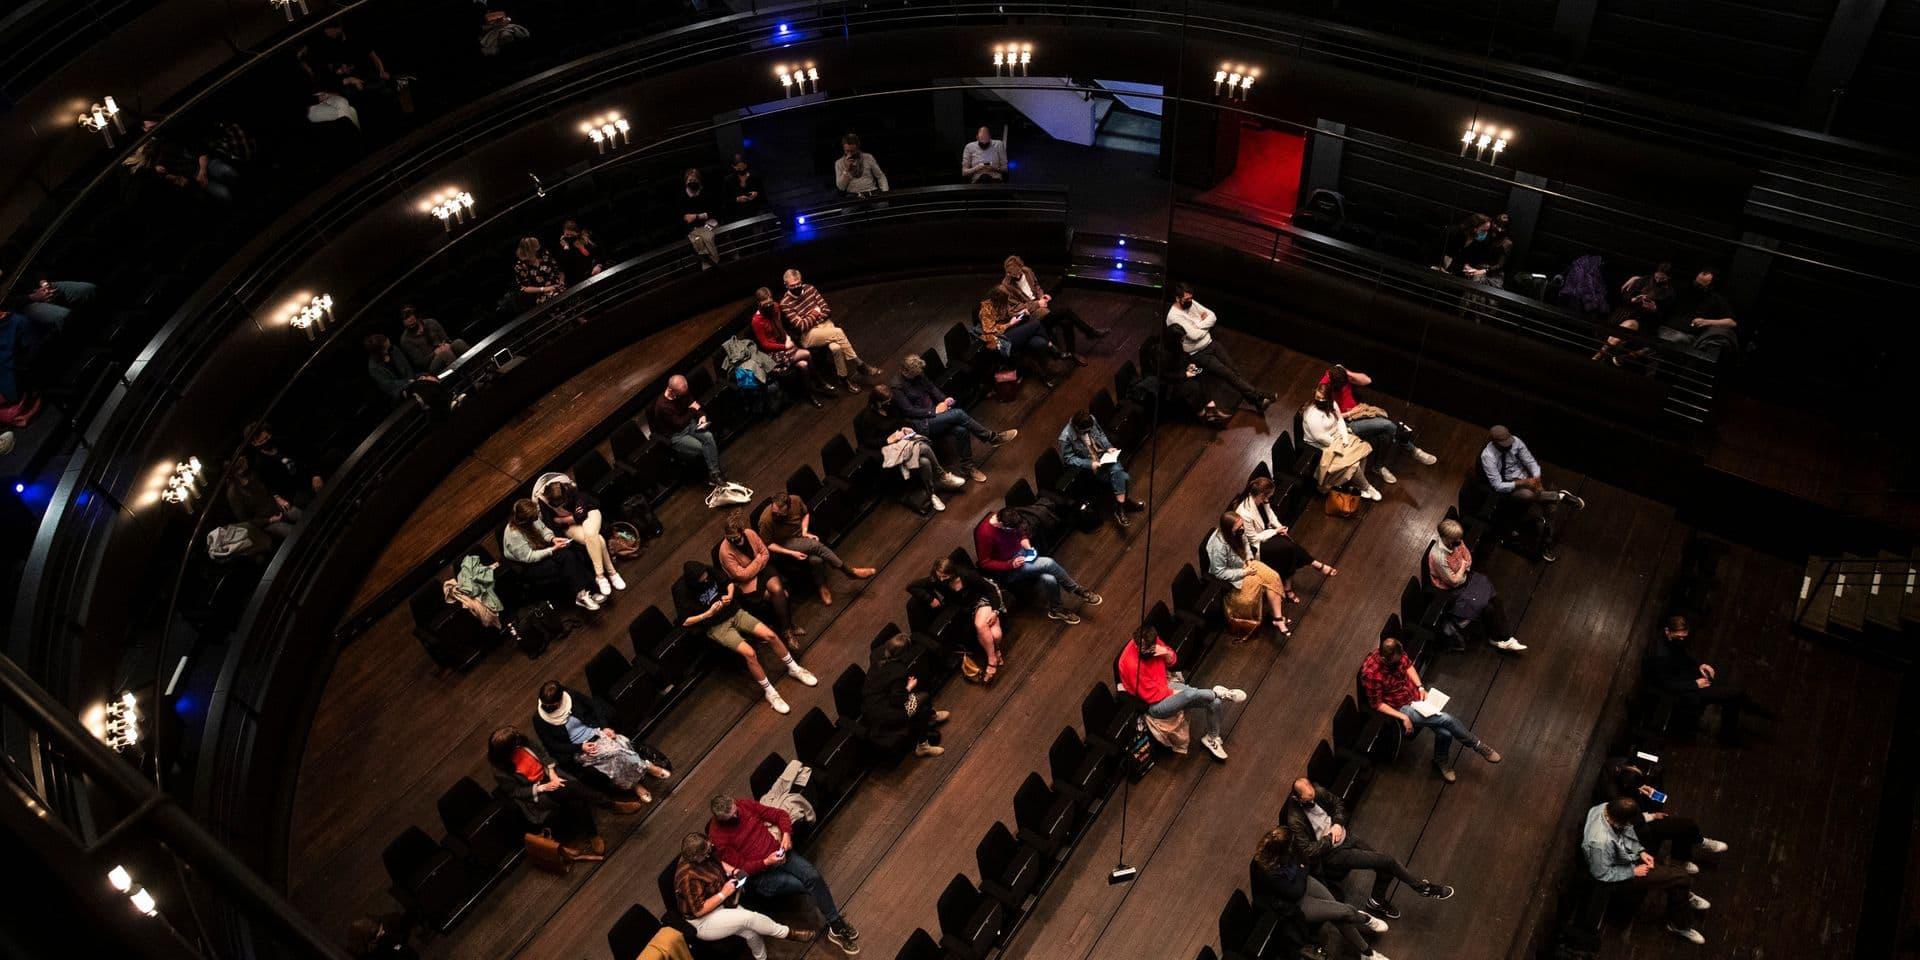 """Espoir pour le secteur culturel: les résultats après les événements-tests au Théâtre royal flamand sont """"très bons"""""""